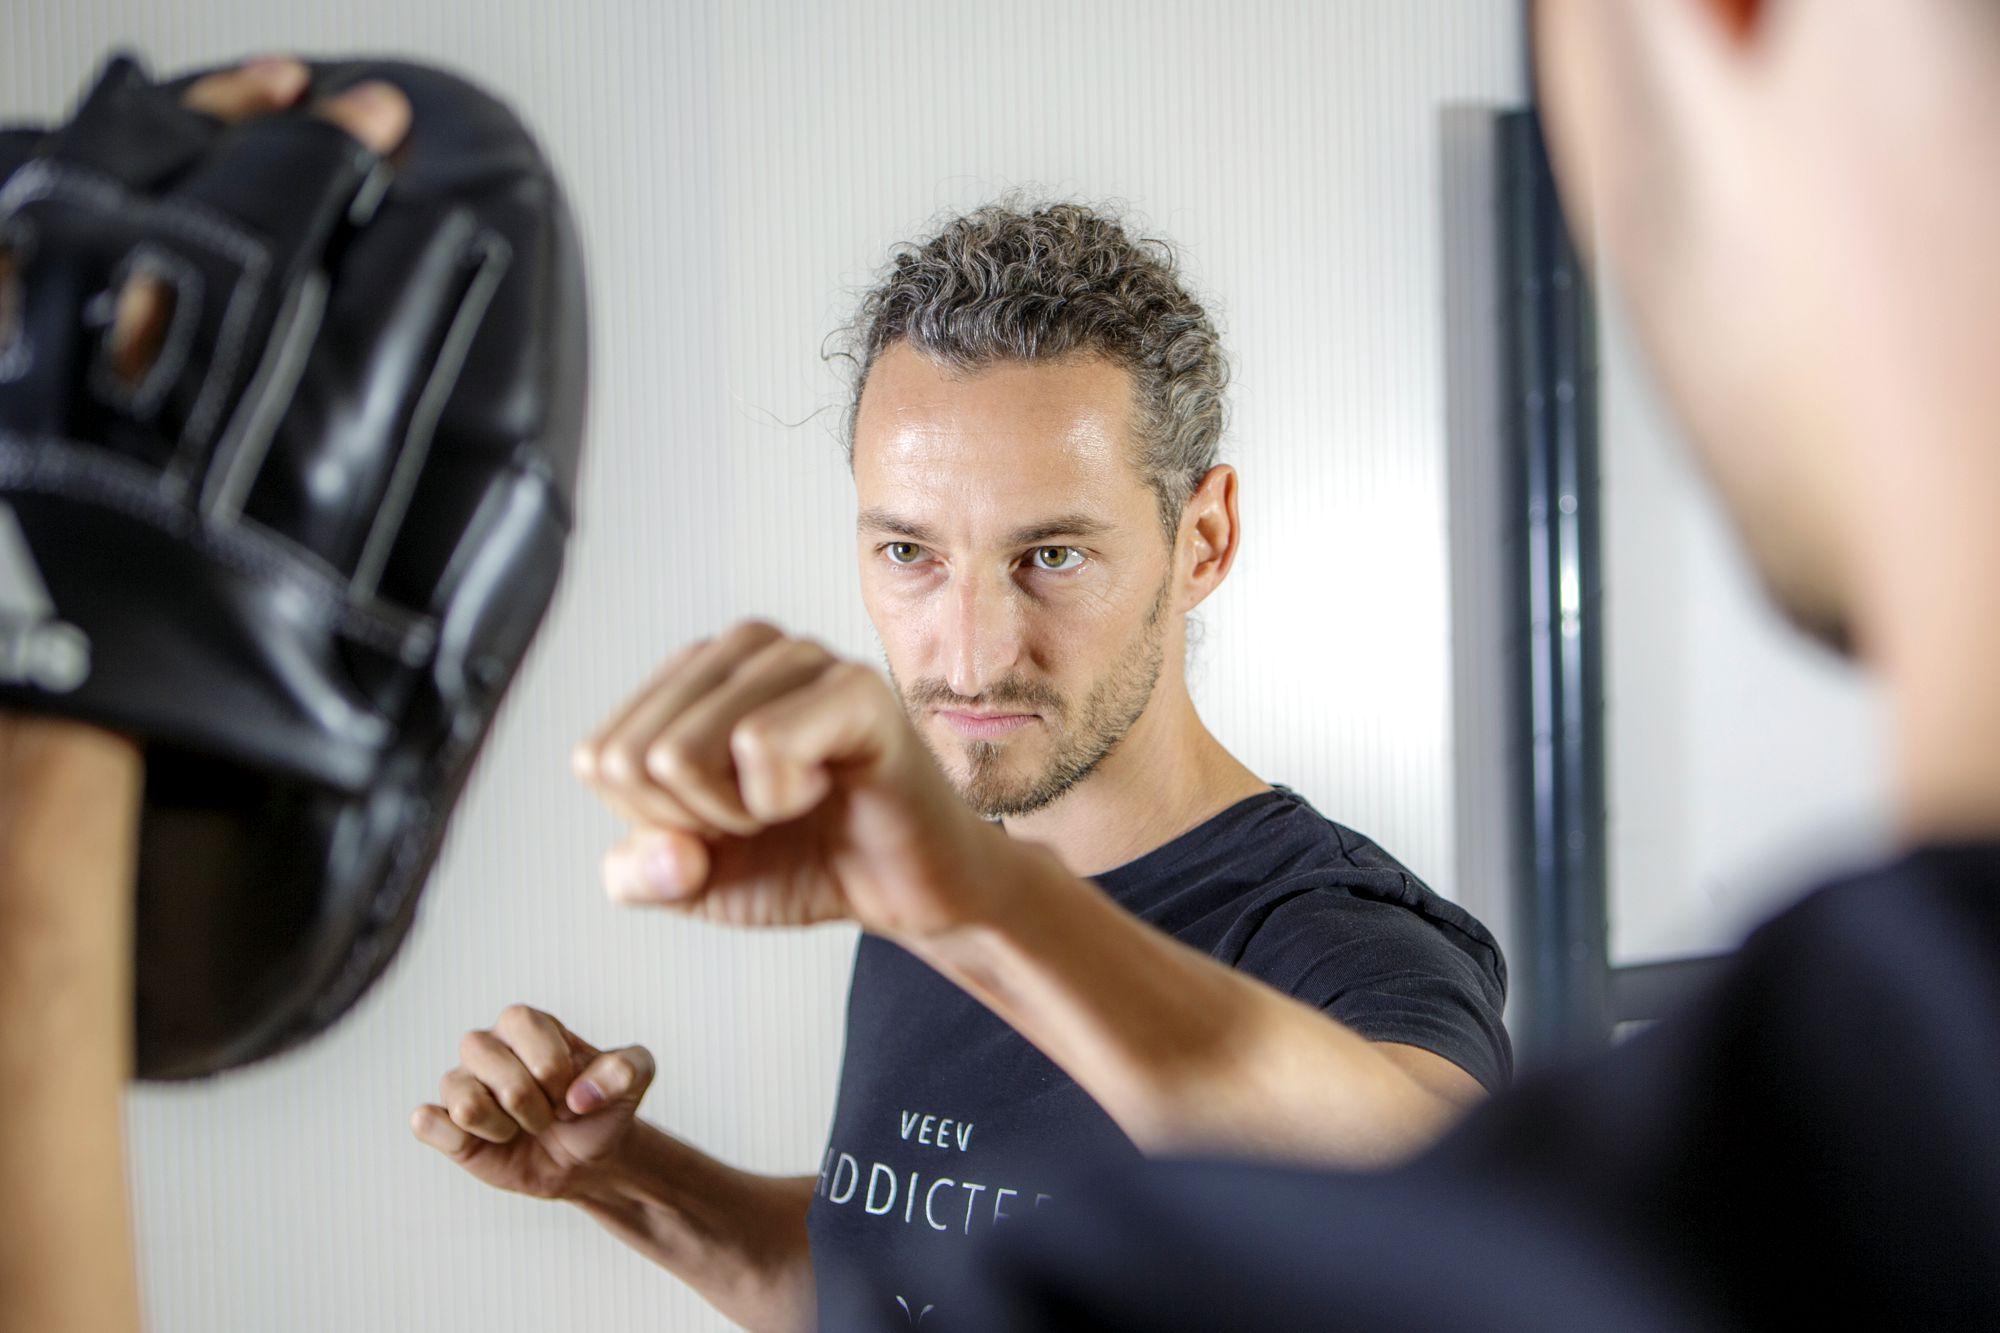 Gemeinsam für mehr Gesundheit und Fitness in ganz Österreich